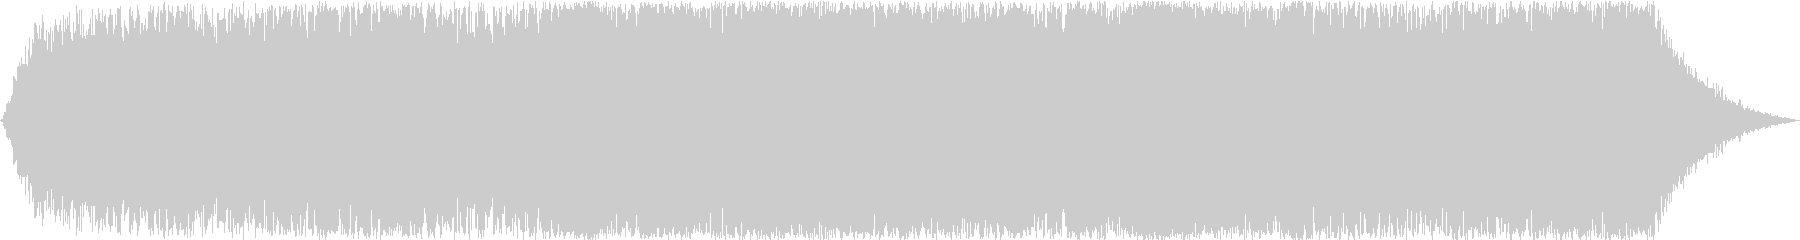 ドローン 焼けるような鳥01の未再生の波形